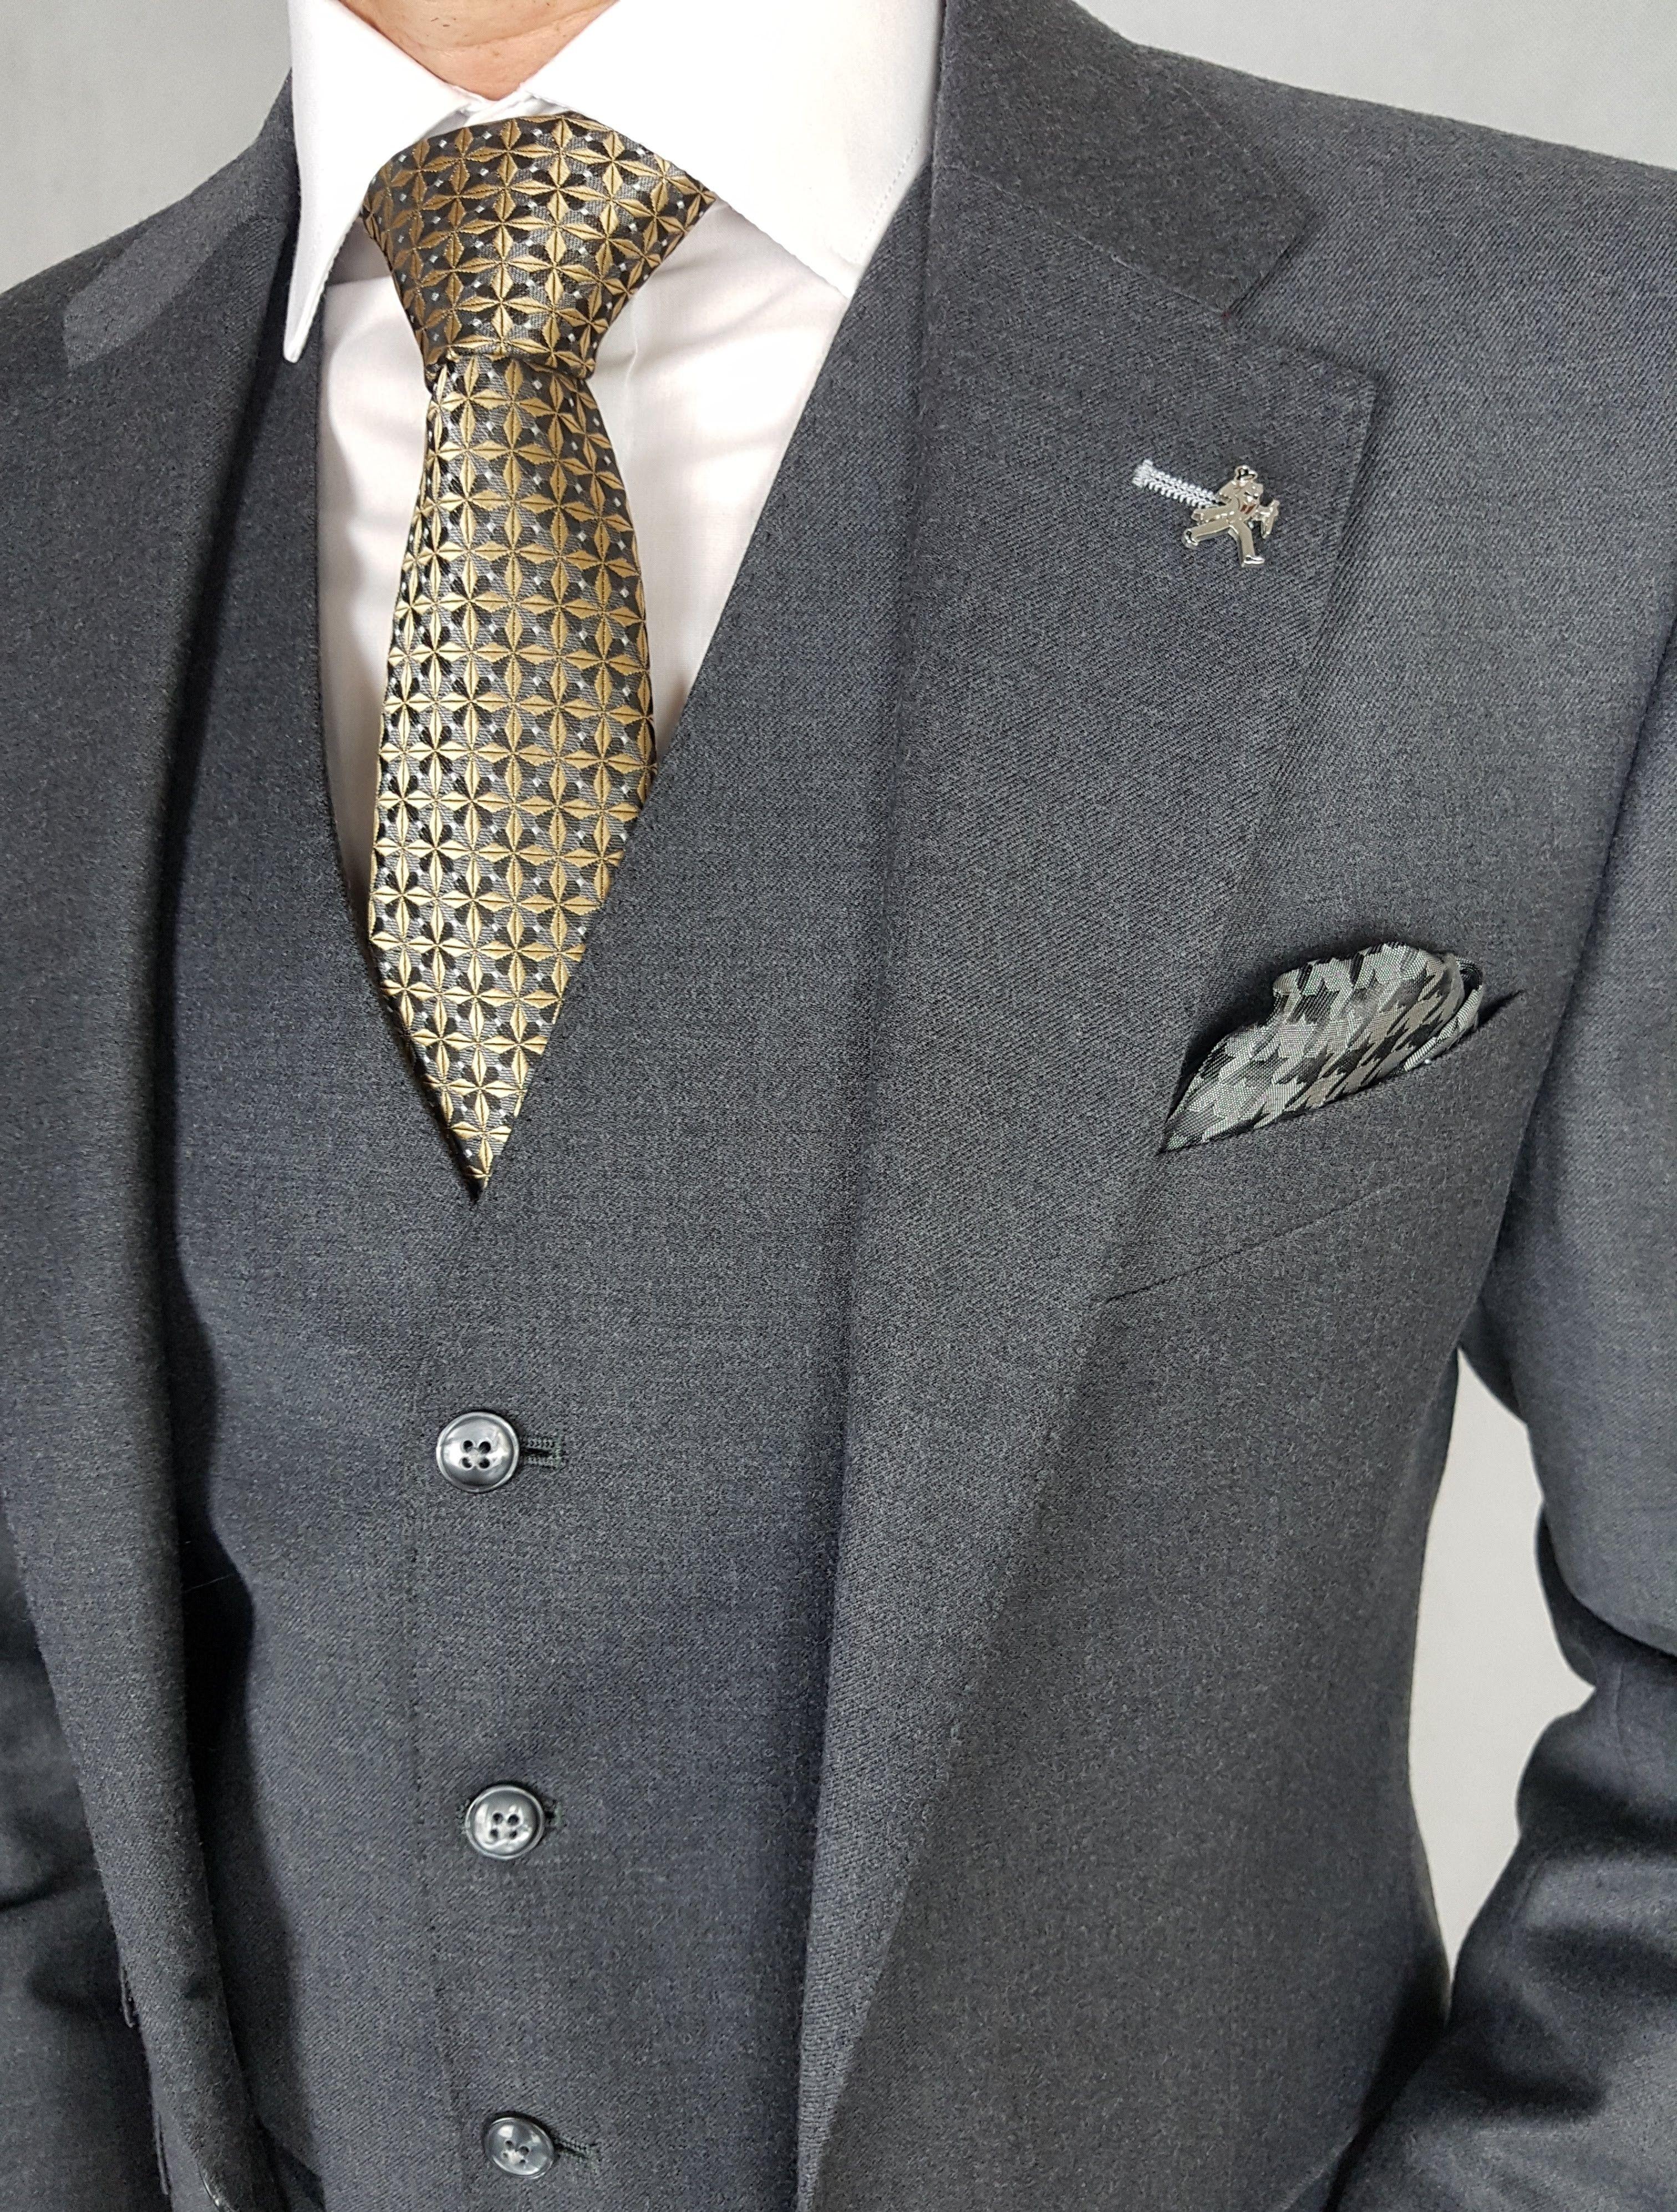 7068 detailing Wedding suit hire, Slim fit suits, Suit shop